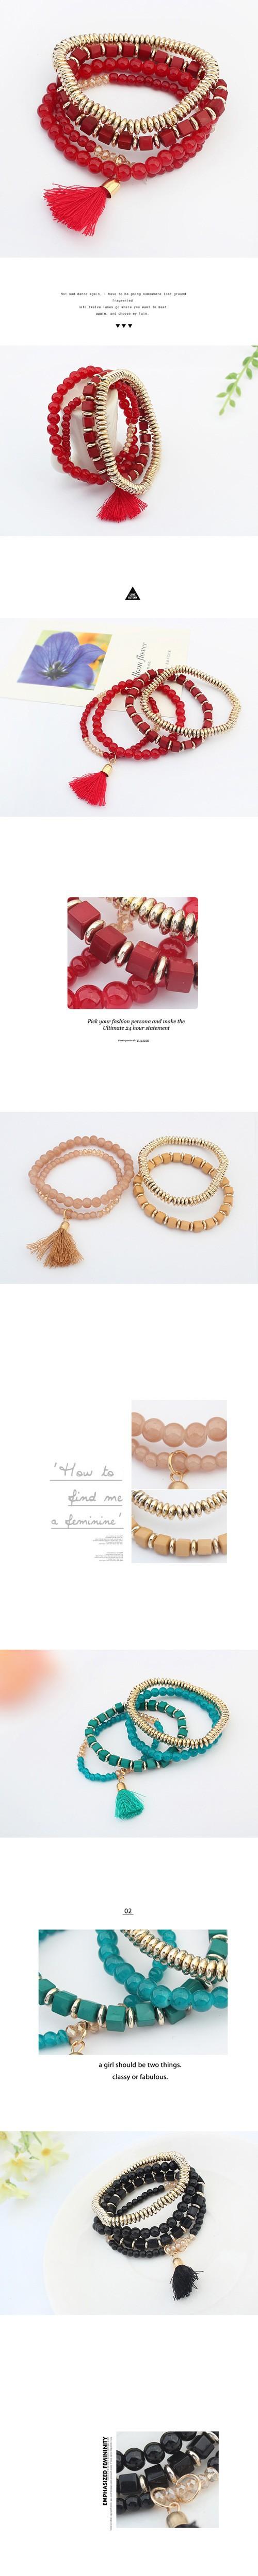 Новинка персонализированные чешские этническом стиле многослойные бисером кисточкой эластичный браслеты cuir украшения для женщин мужчин